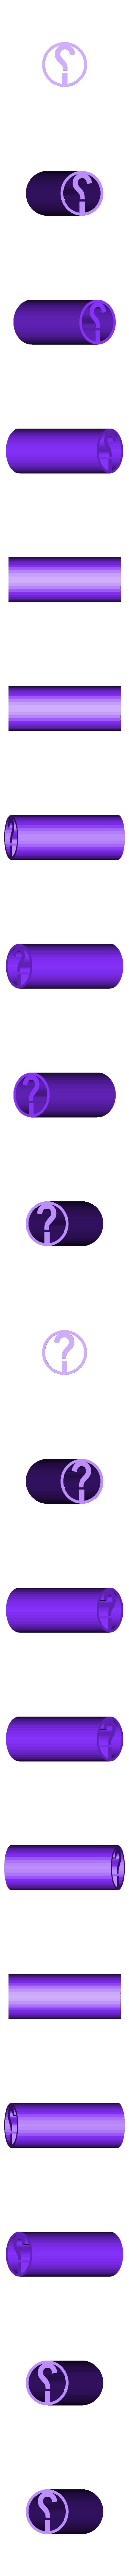 interrogante.STL Télécharger fichier STL 36 CONSEILS SUR LES FILTRES À MAUVAISES HERBES VOL.1+2+3+4 • Design pour impression 3D, SnakeCreations